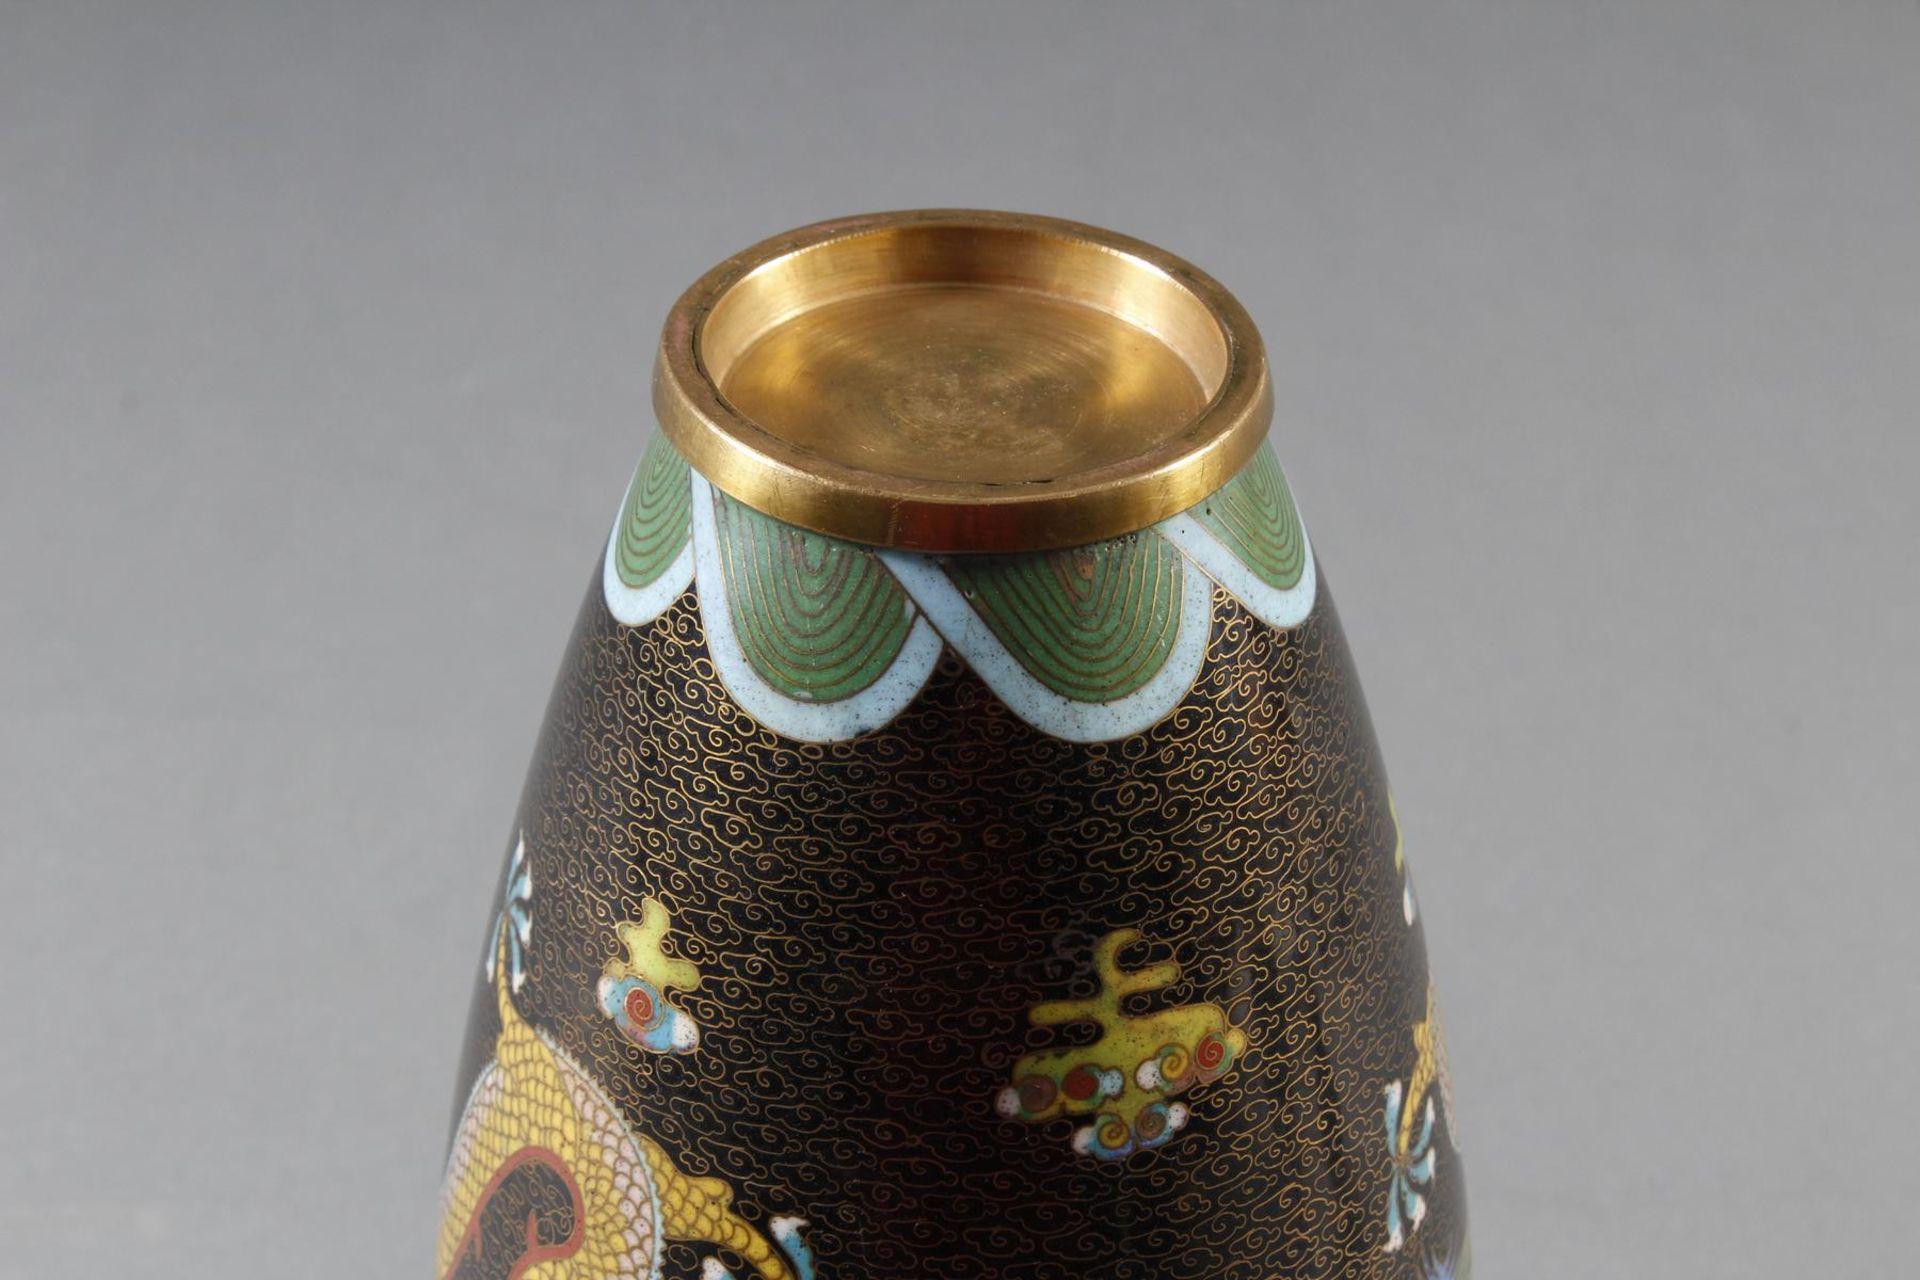 Cloisonne Ziervase, China, späte Quing-Dynastie - Bild 11 aus 13